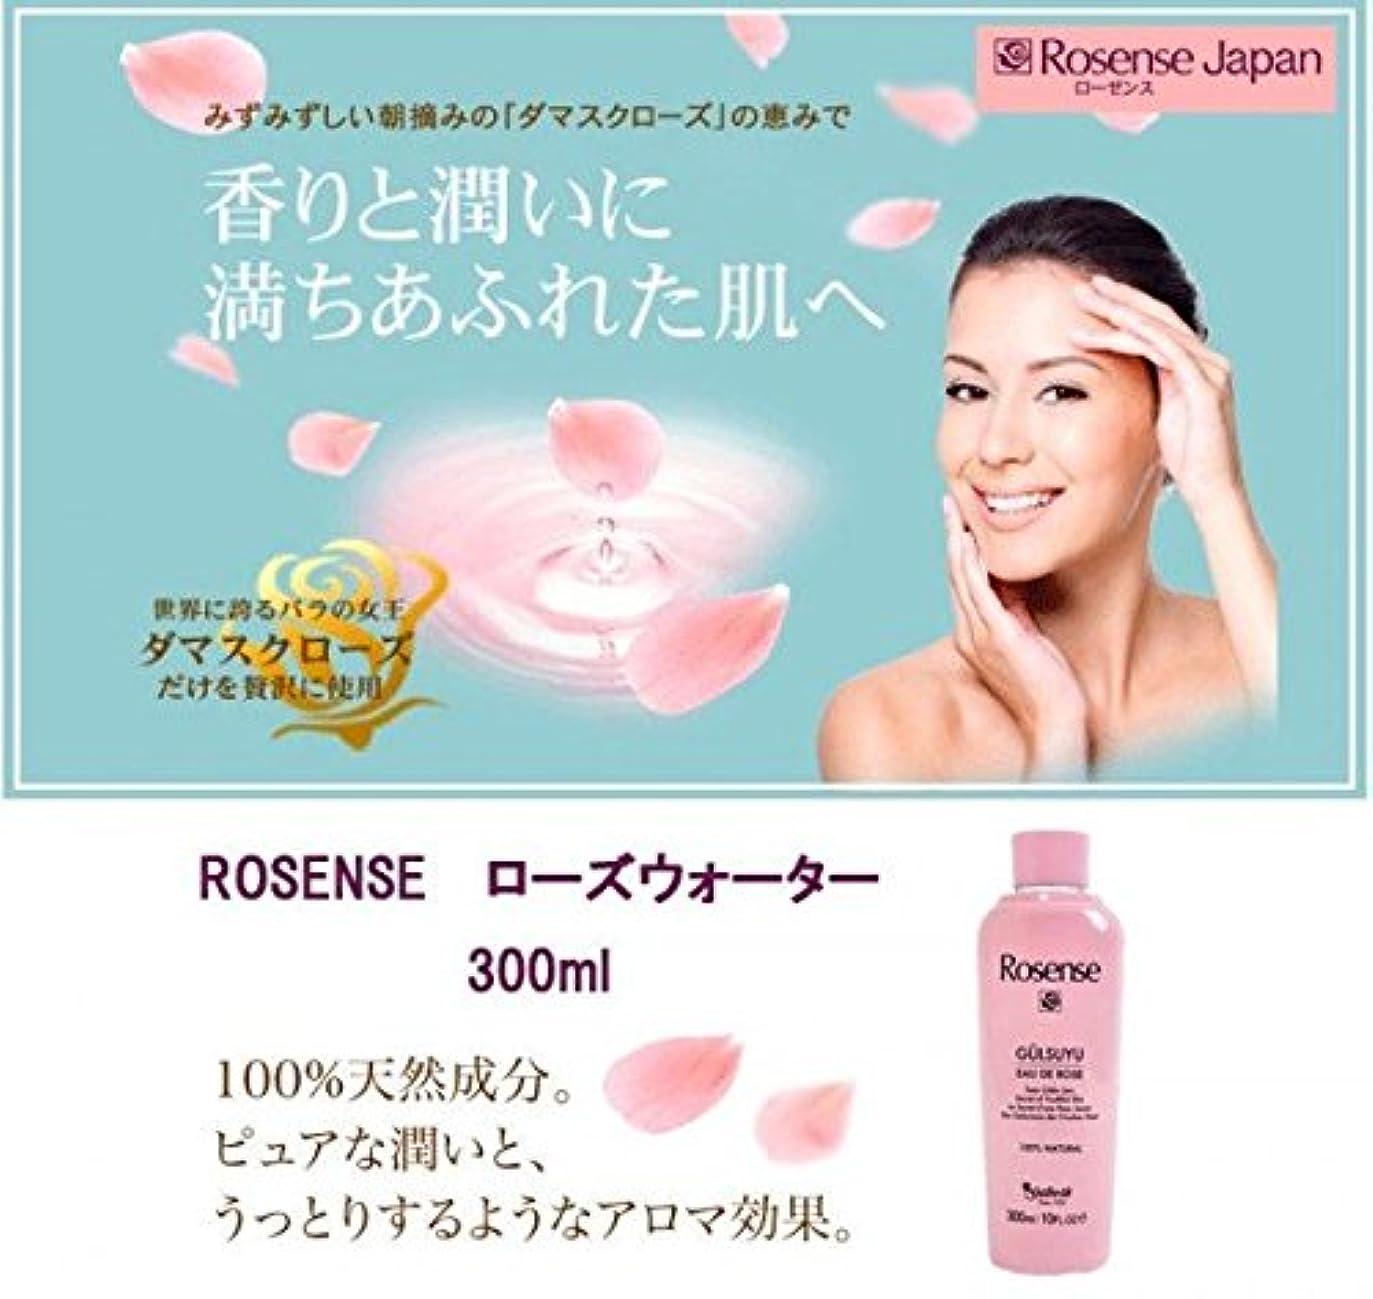 ウルルメーターディレイROSENSE ローズウォーター 300ml バラの芳醇な香りに包まれながら お肌を整えます